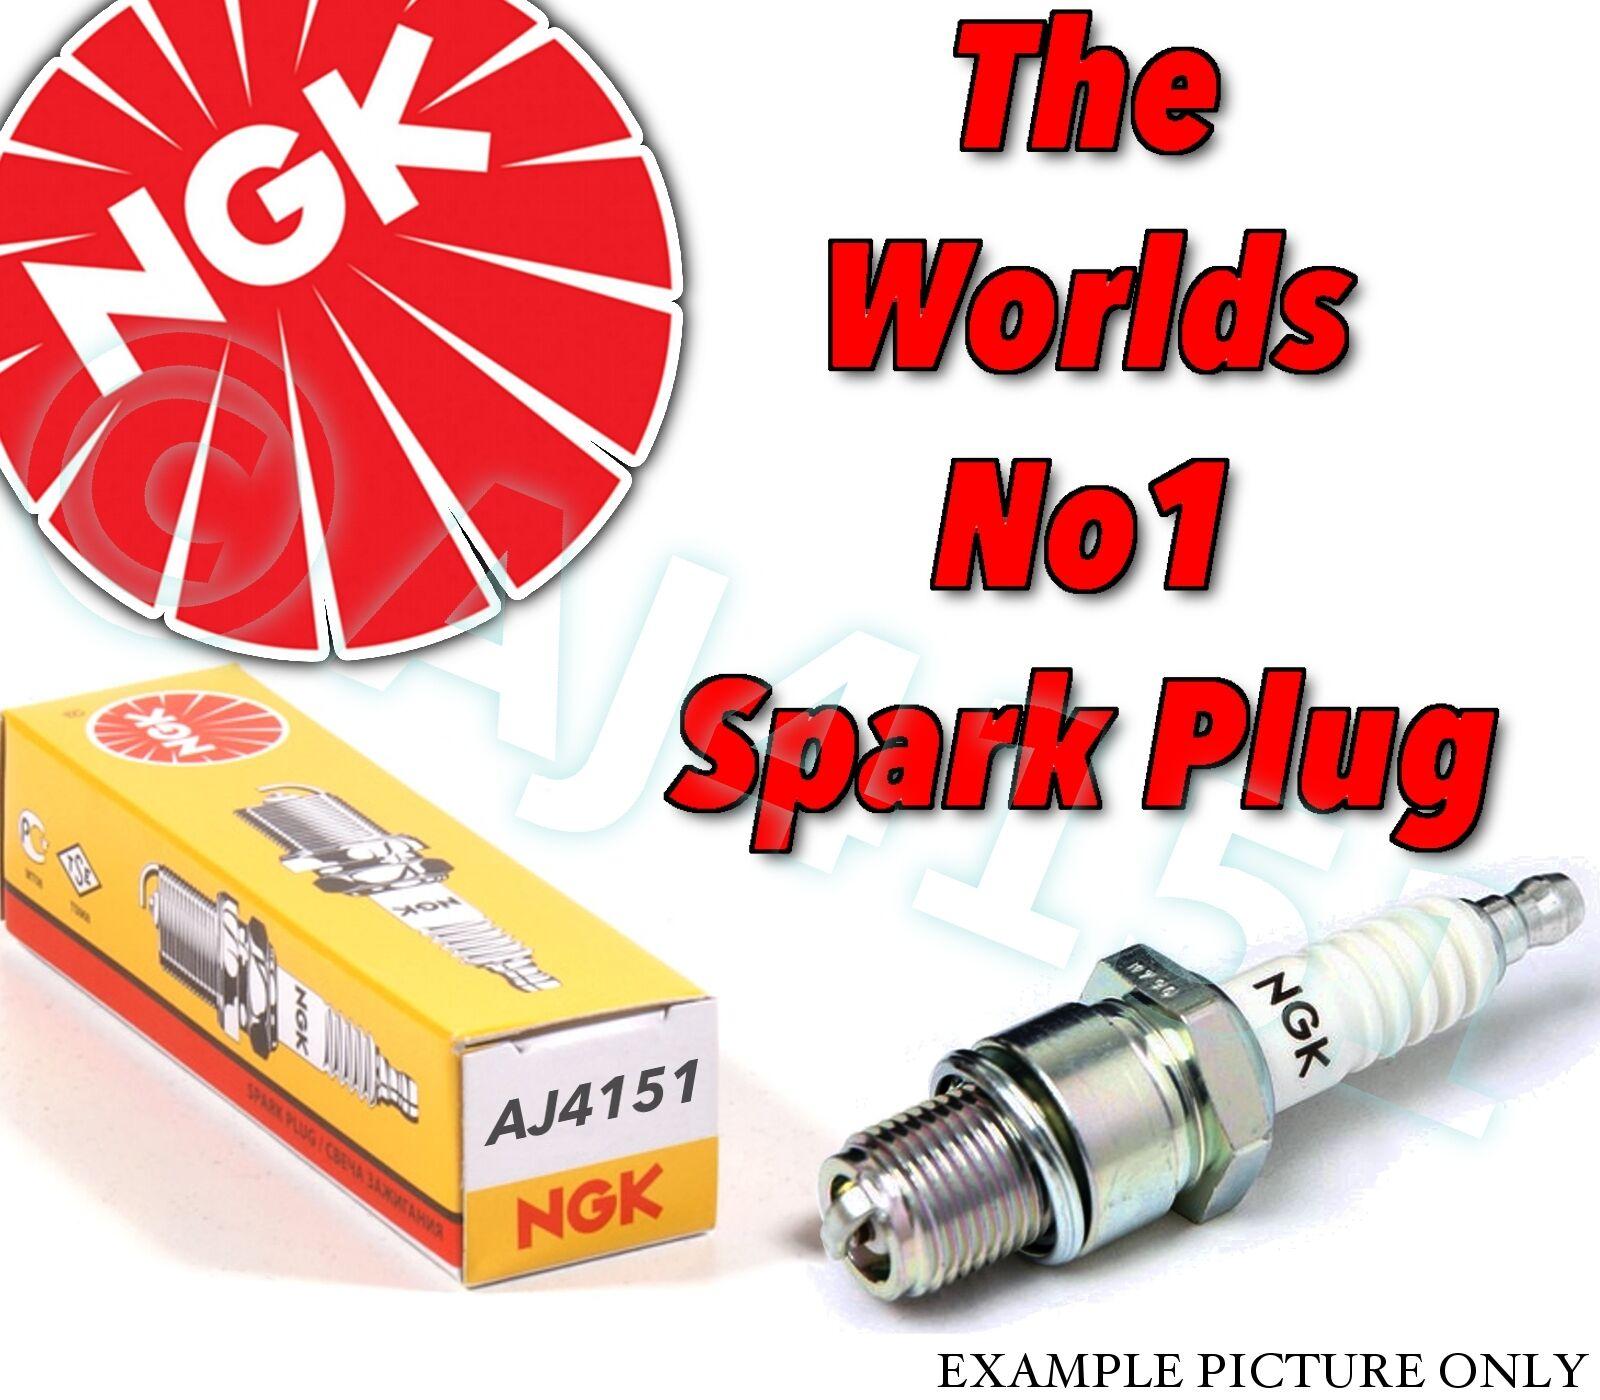 NGK Spark Plug for EFCO JET Lawn Tractors EF 72 C//12,5 H model B/&S engines